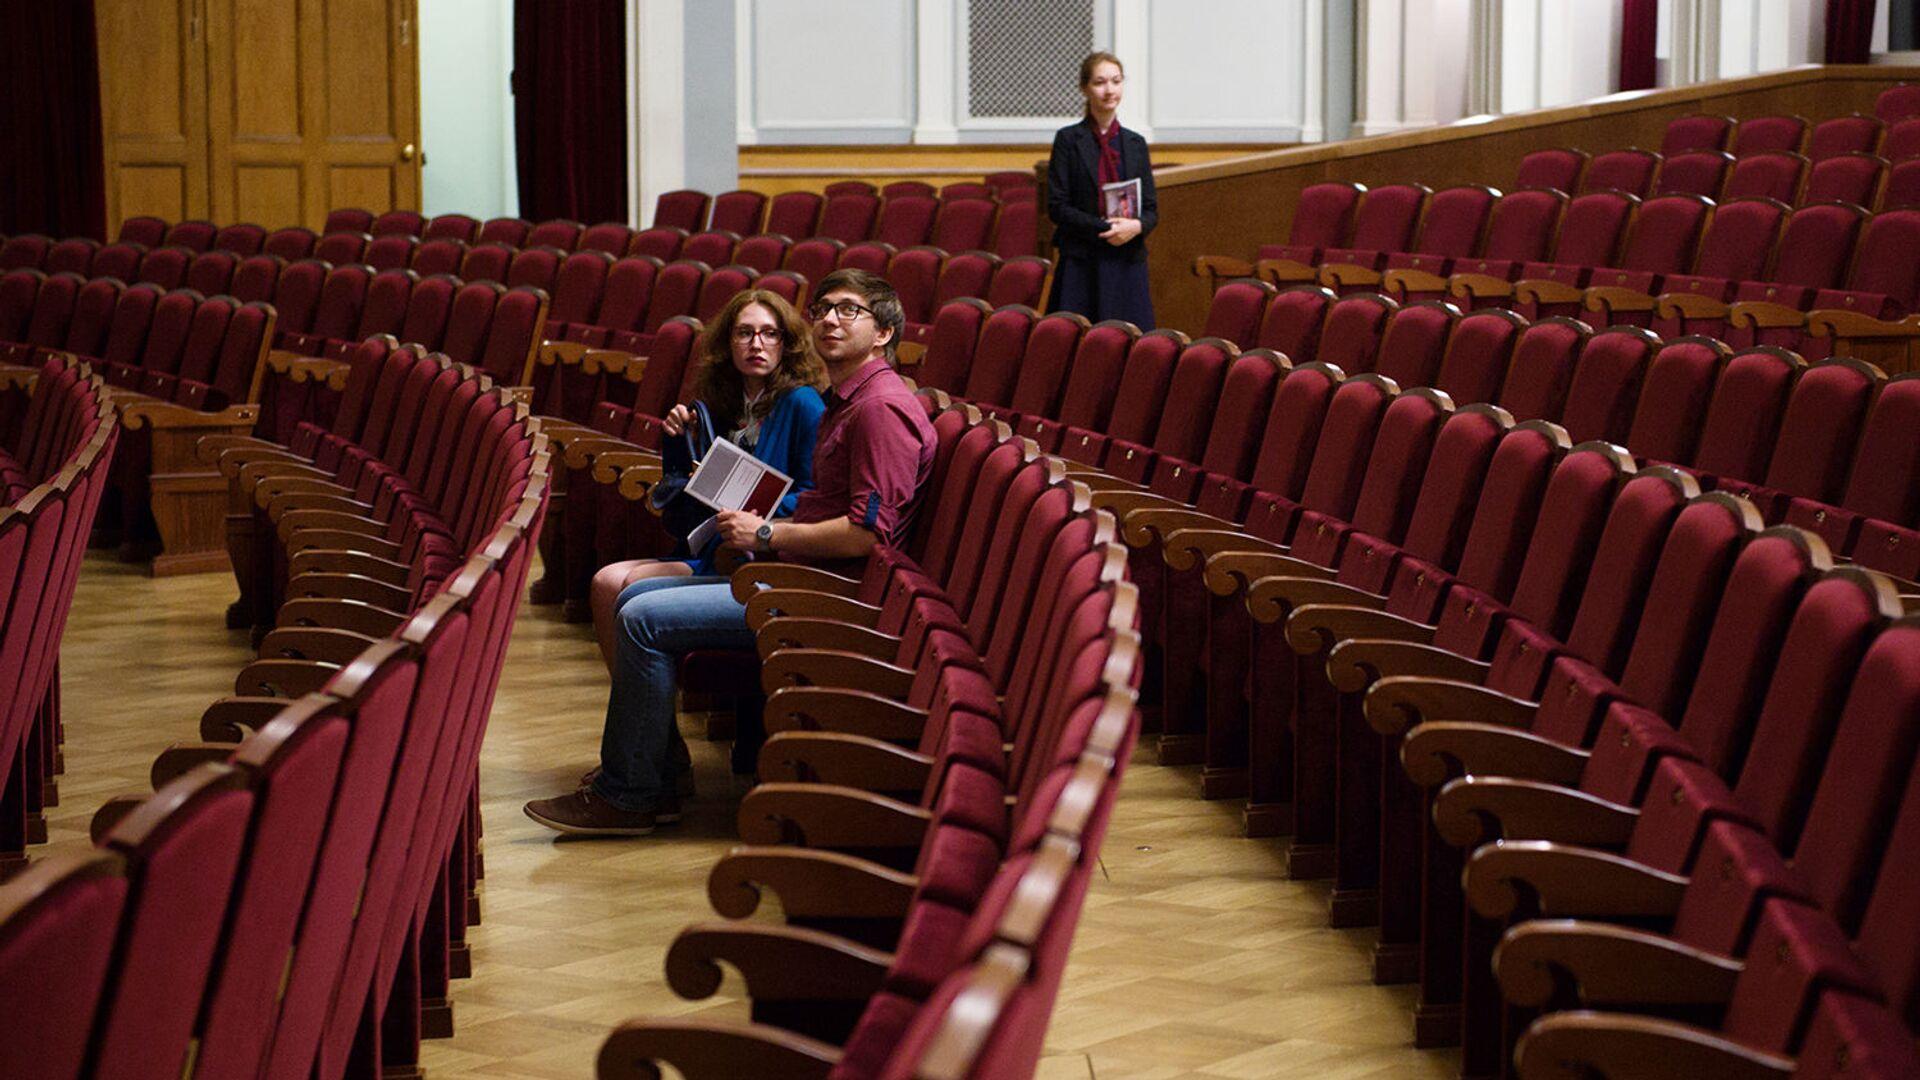 В Мосгордуме предложили провести фестиваль экоспектаклей в Год театра - РИА Новости, 1920, 26.06.2021